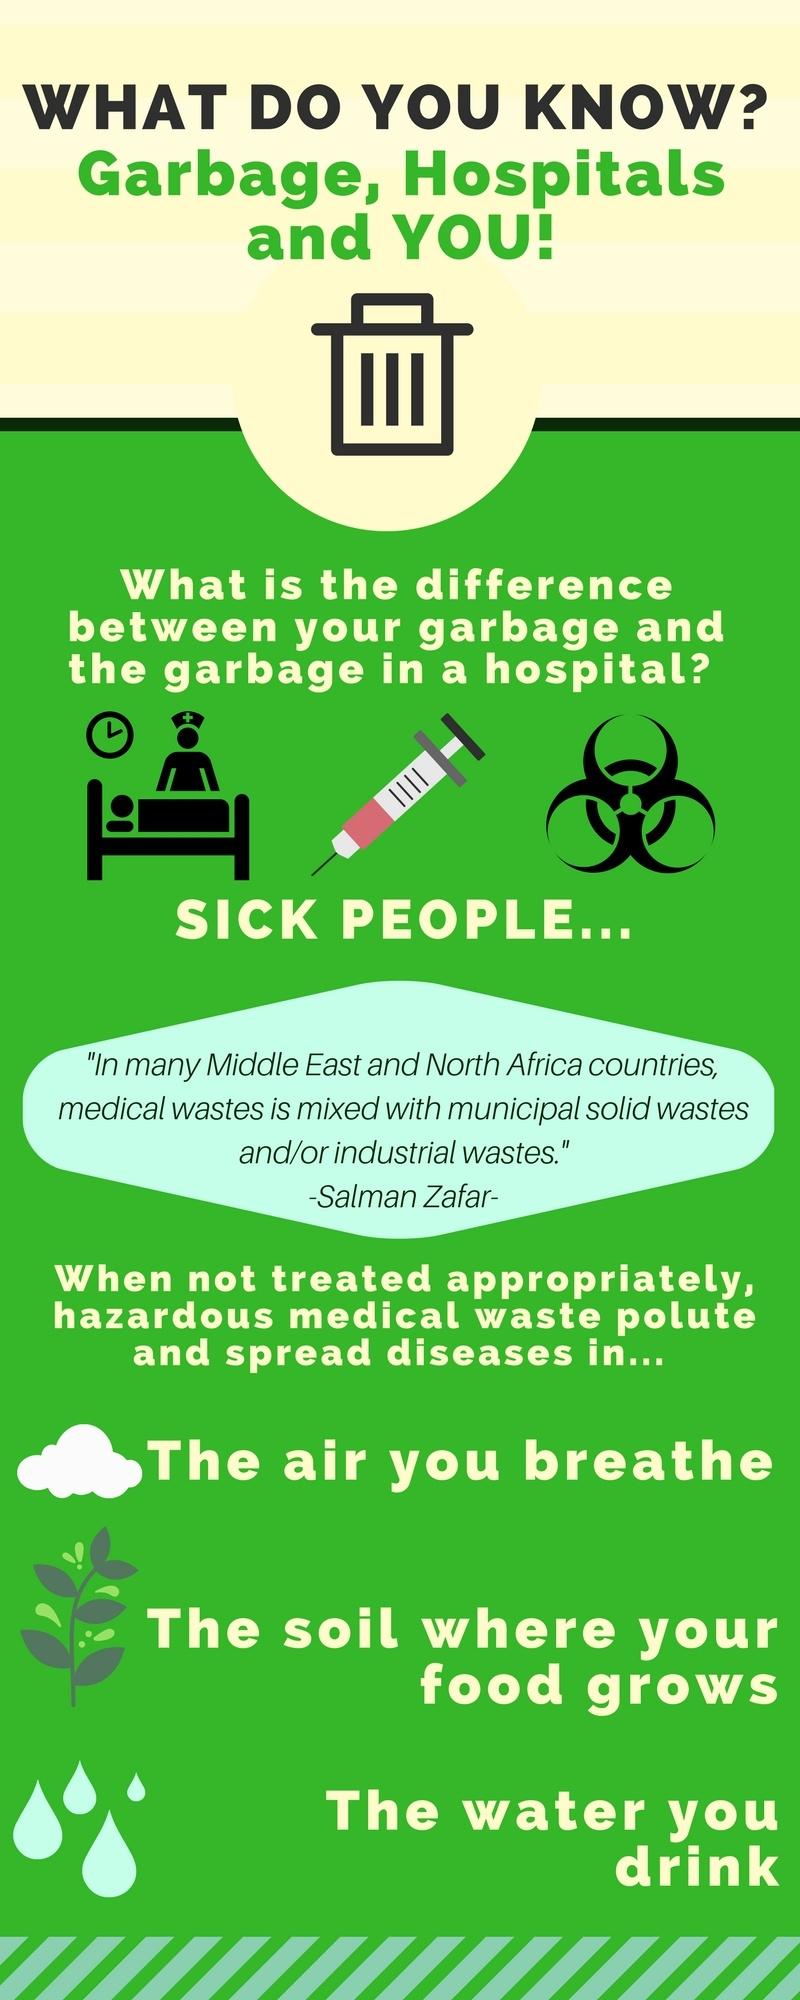 Medical-Waste-Dangers